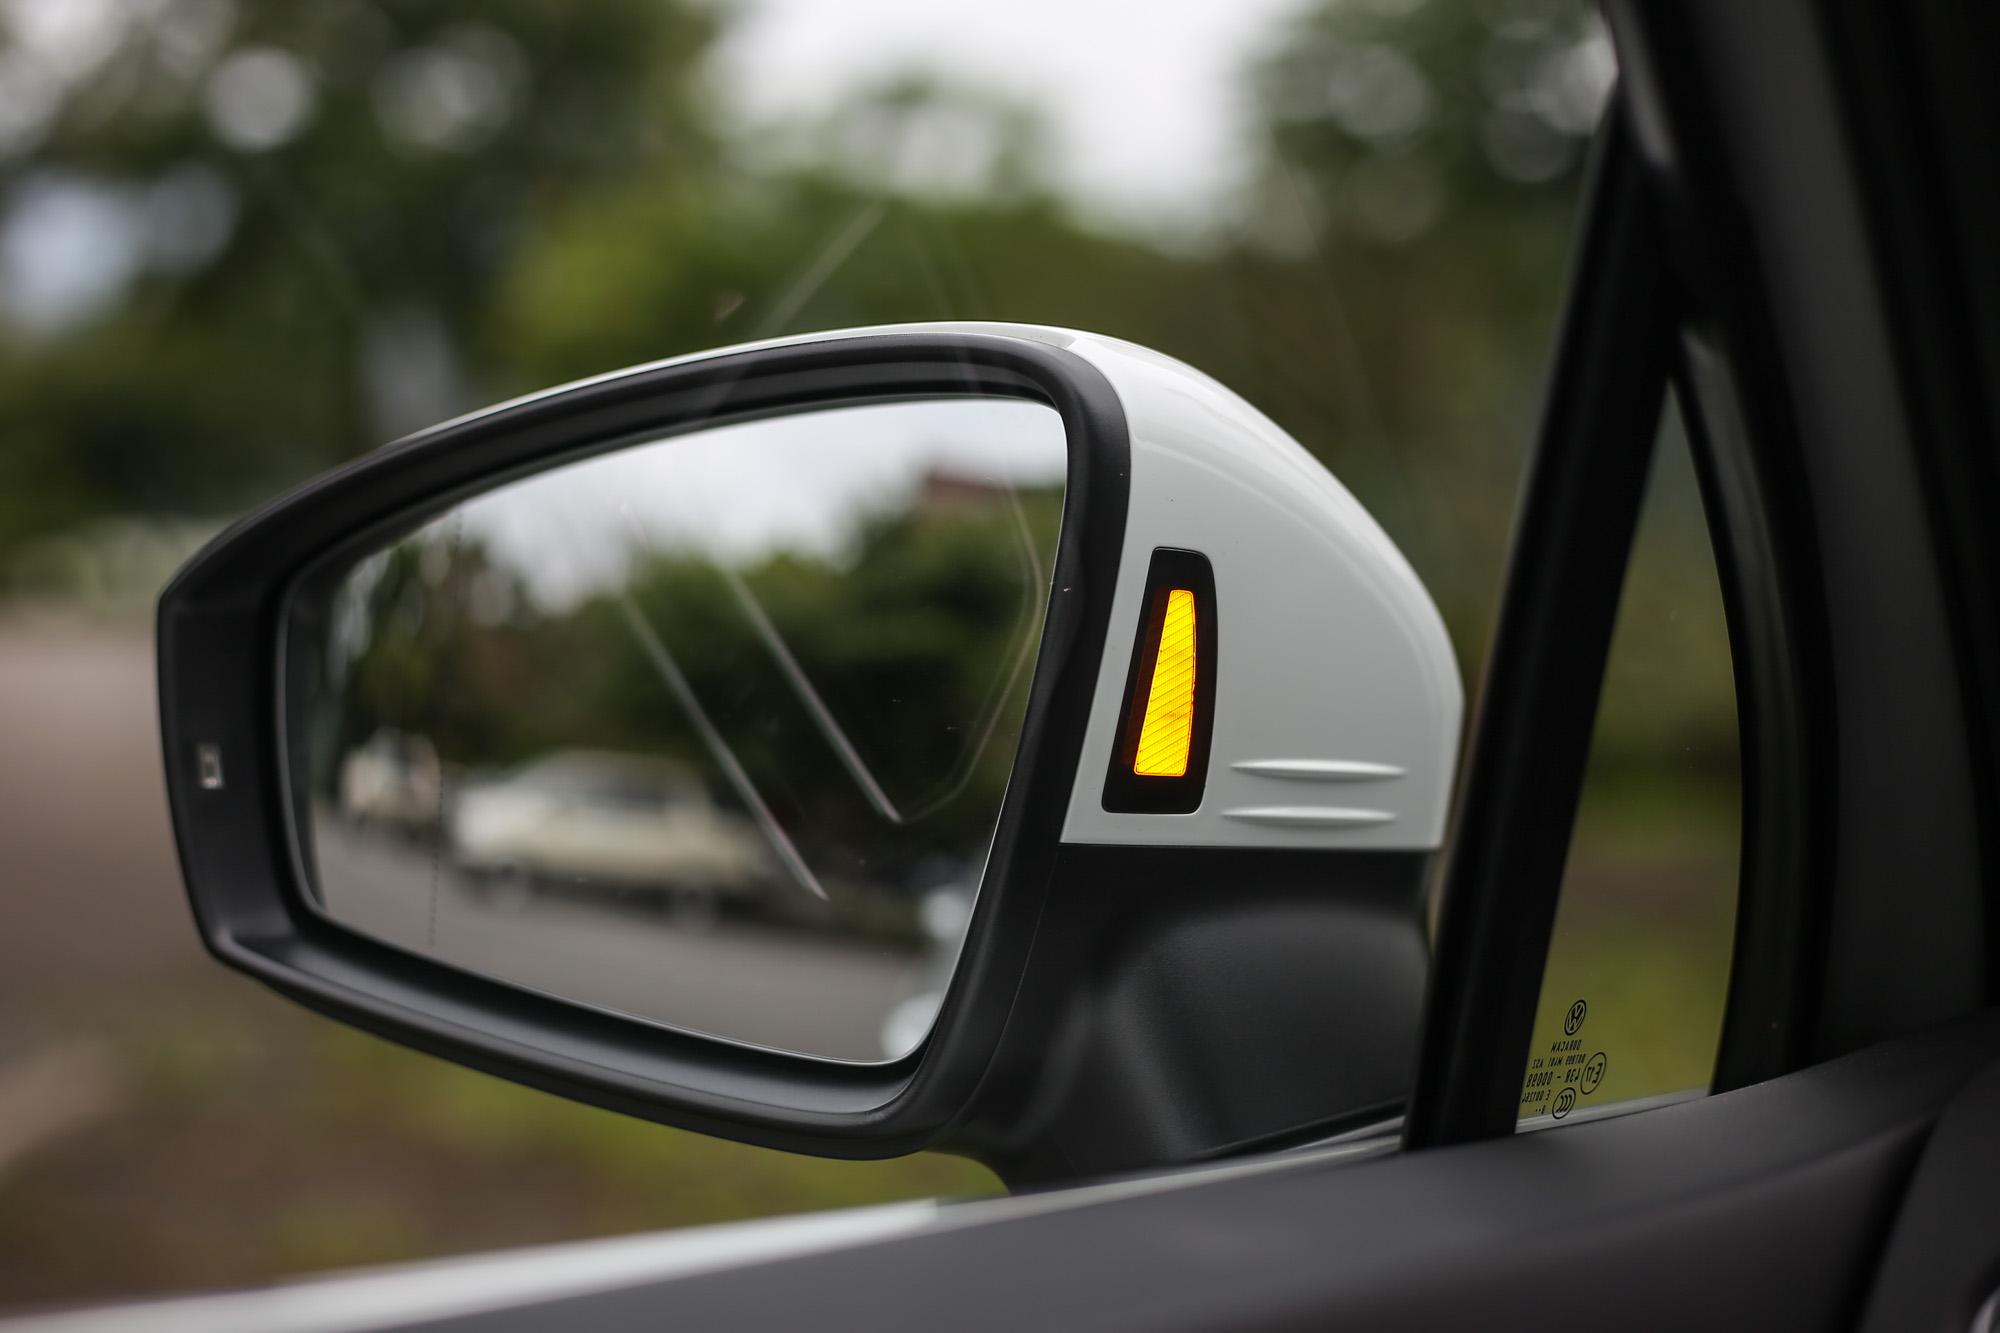 車側盲點警示系統的警示燈設計於後視鏡內側,相對於設計在後視鏡玻璃上更為清晰易辨。